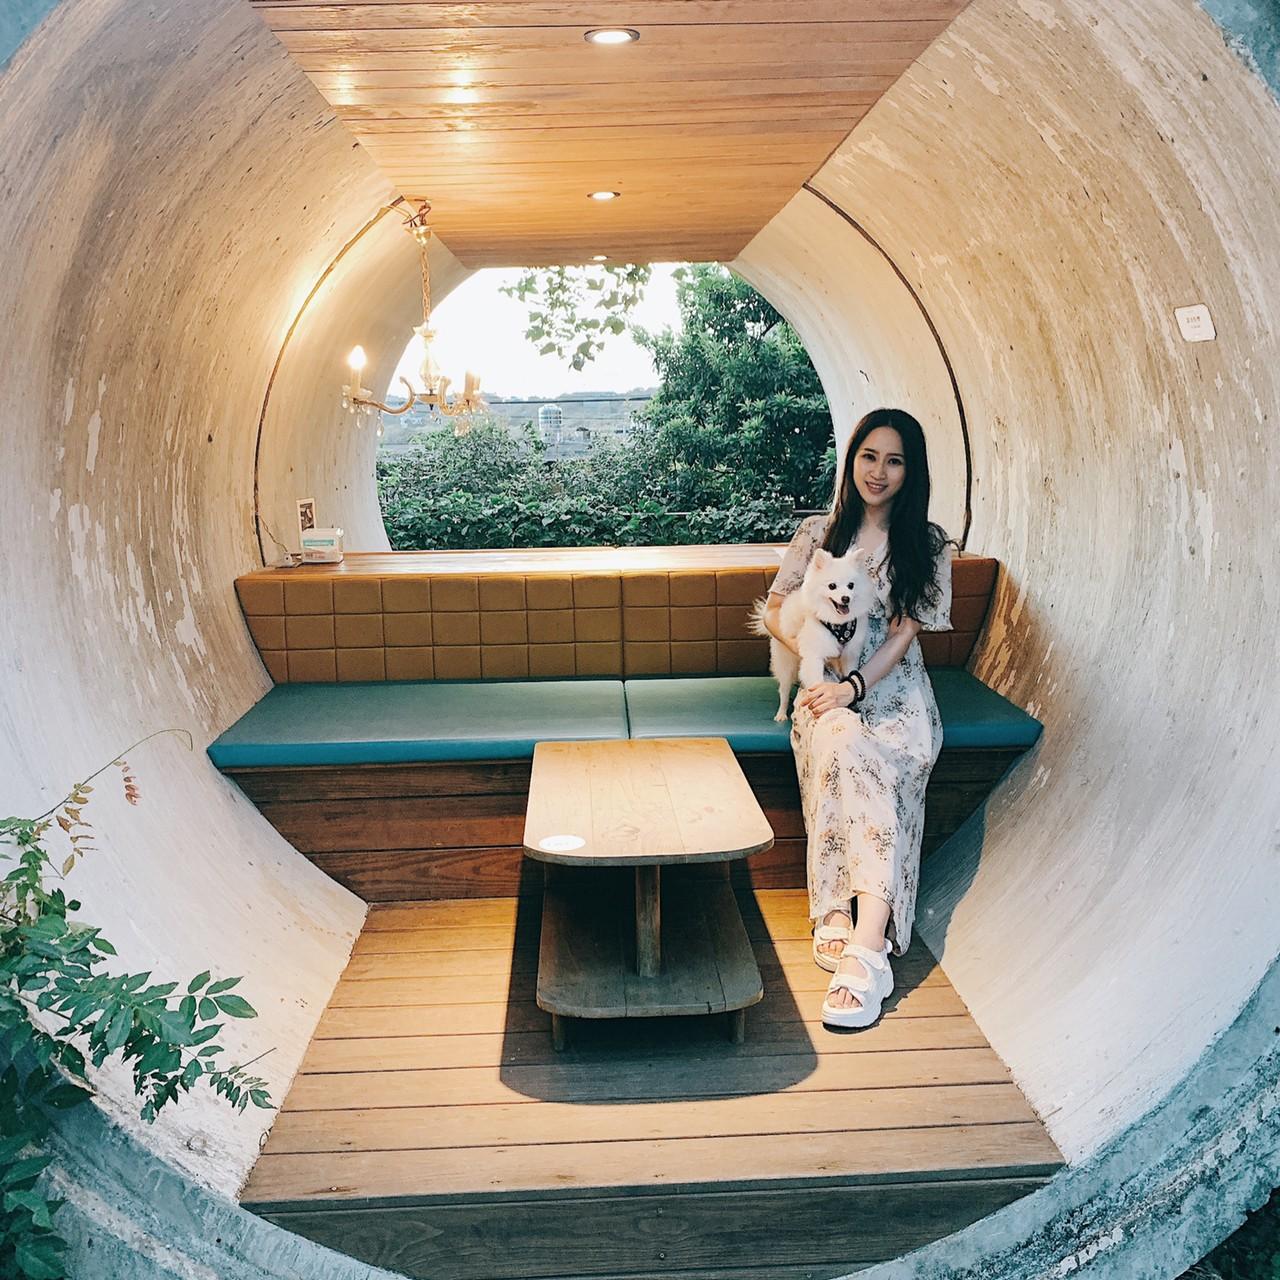 淡水咖啡廳-網美打卡新景點Binma Area 134超美玻璃屋、水管屋